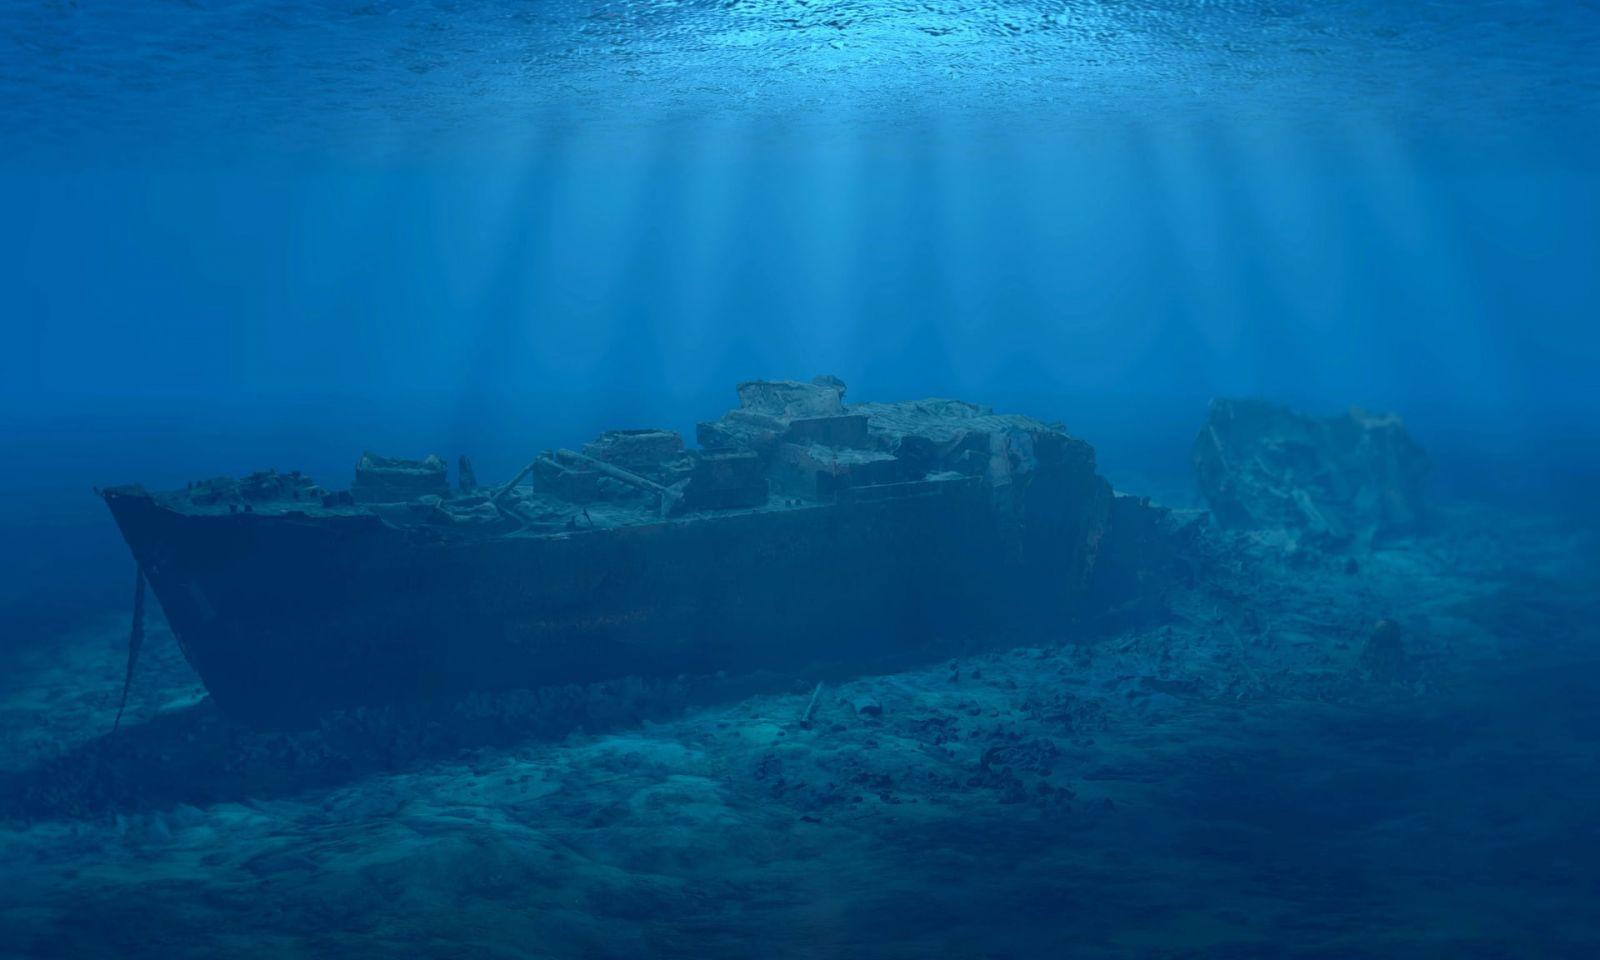 затонувший корабль титаник фото